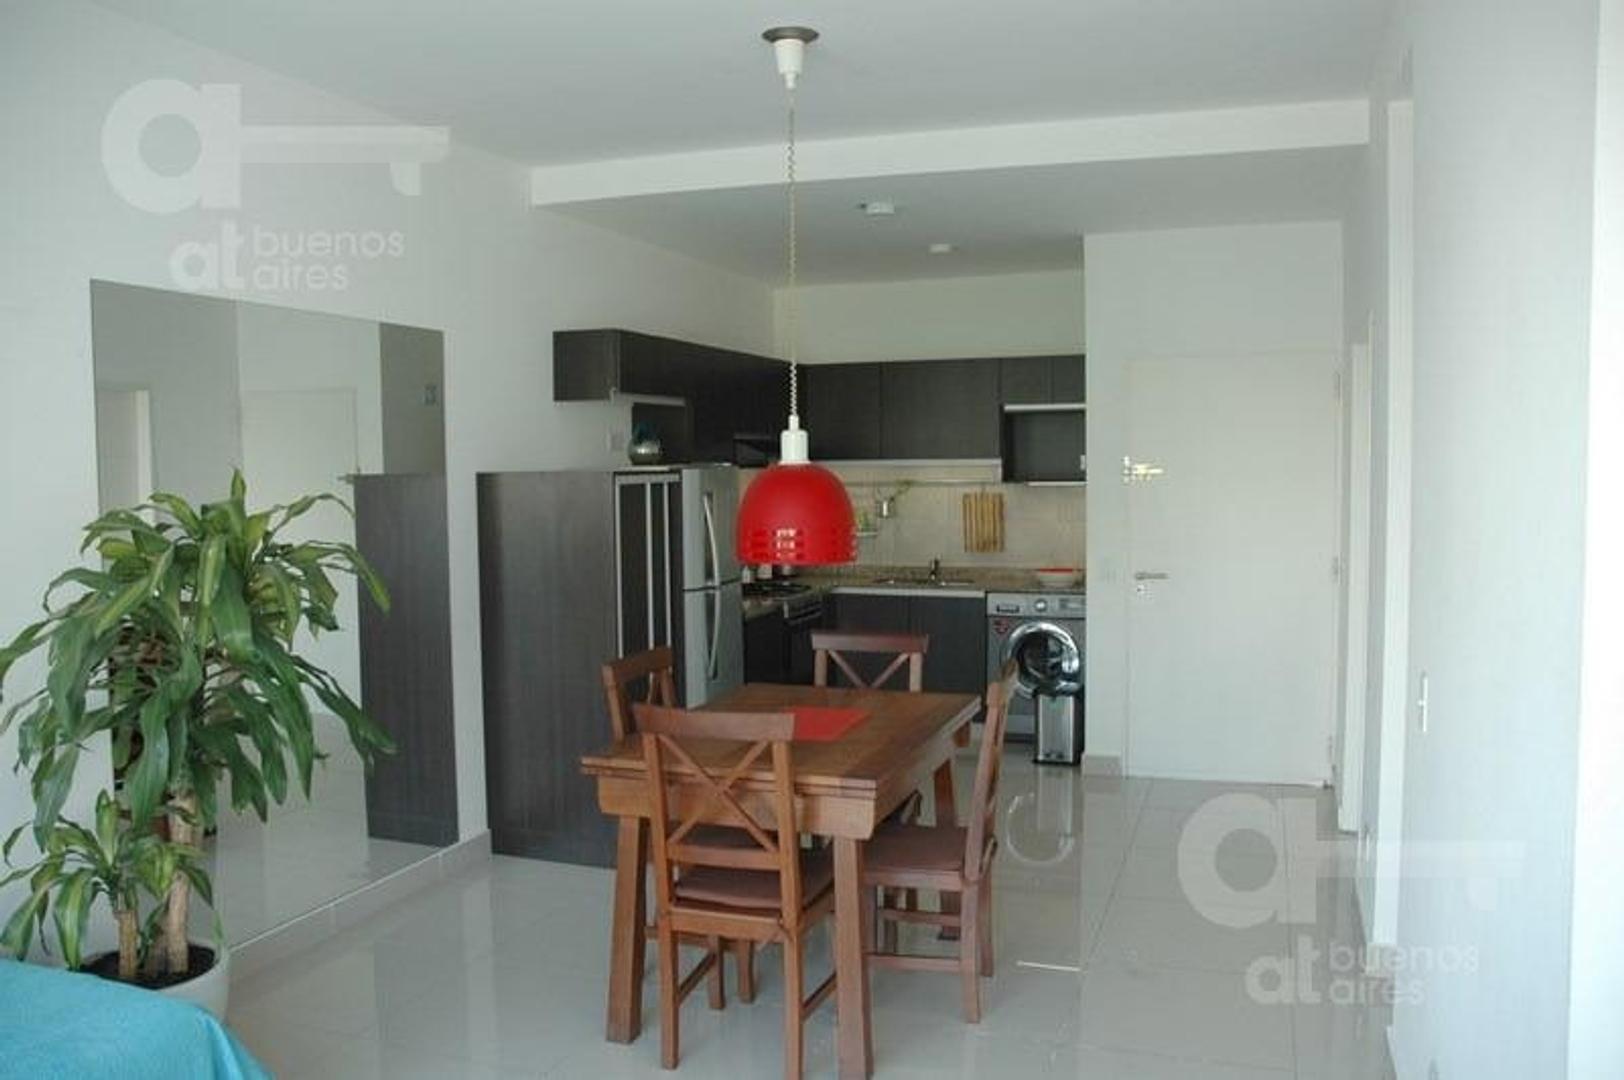 Palermo. Moderno Loft con amenities. Alquiler temporario sin garantías.